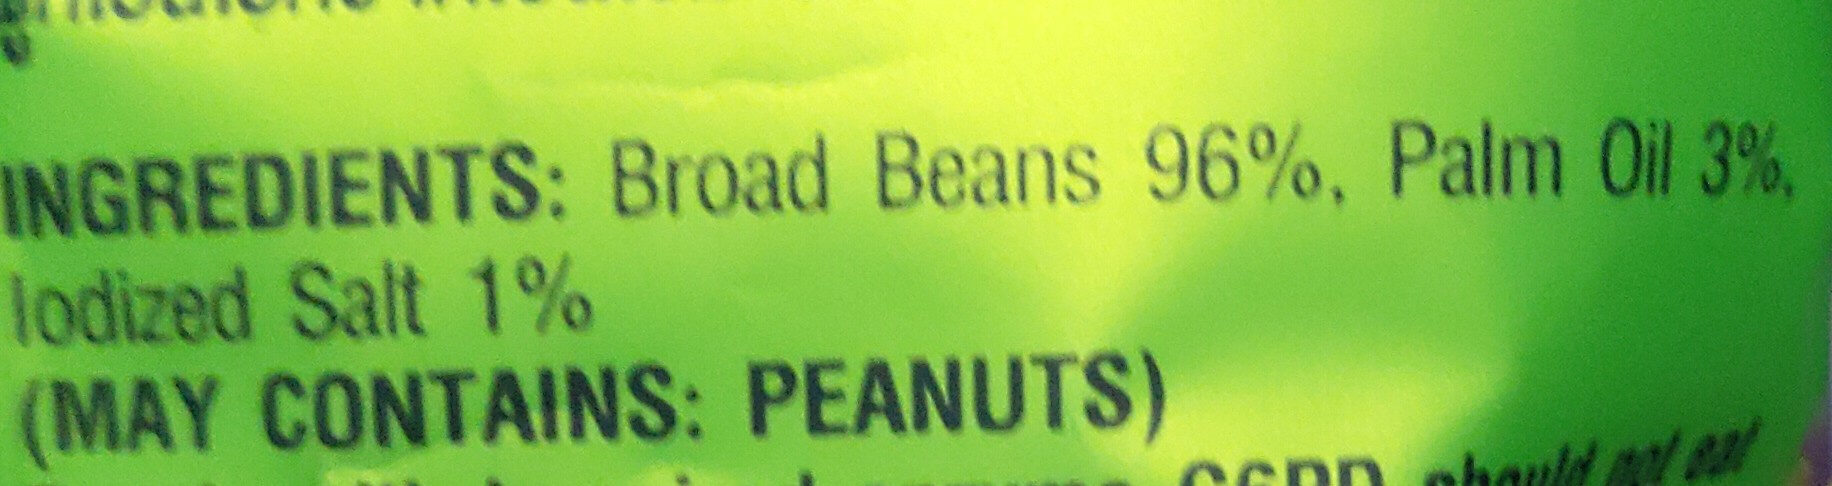 Salted broad bean - Ingredients - en